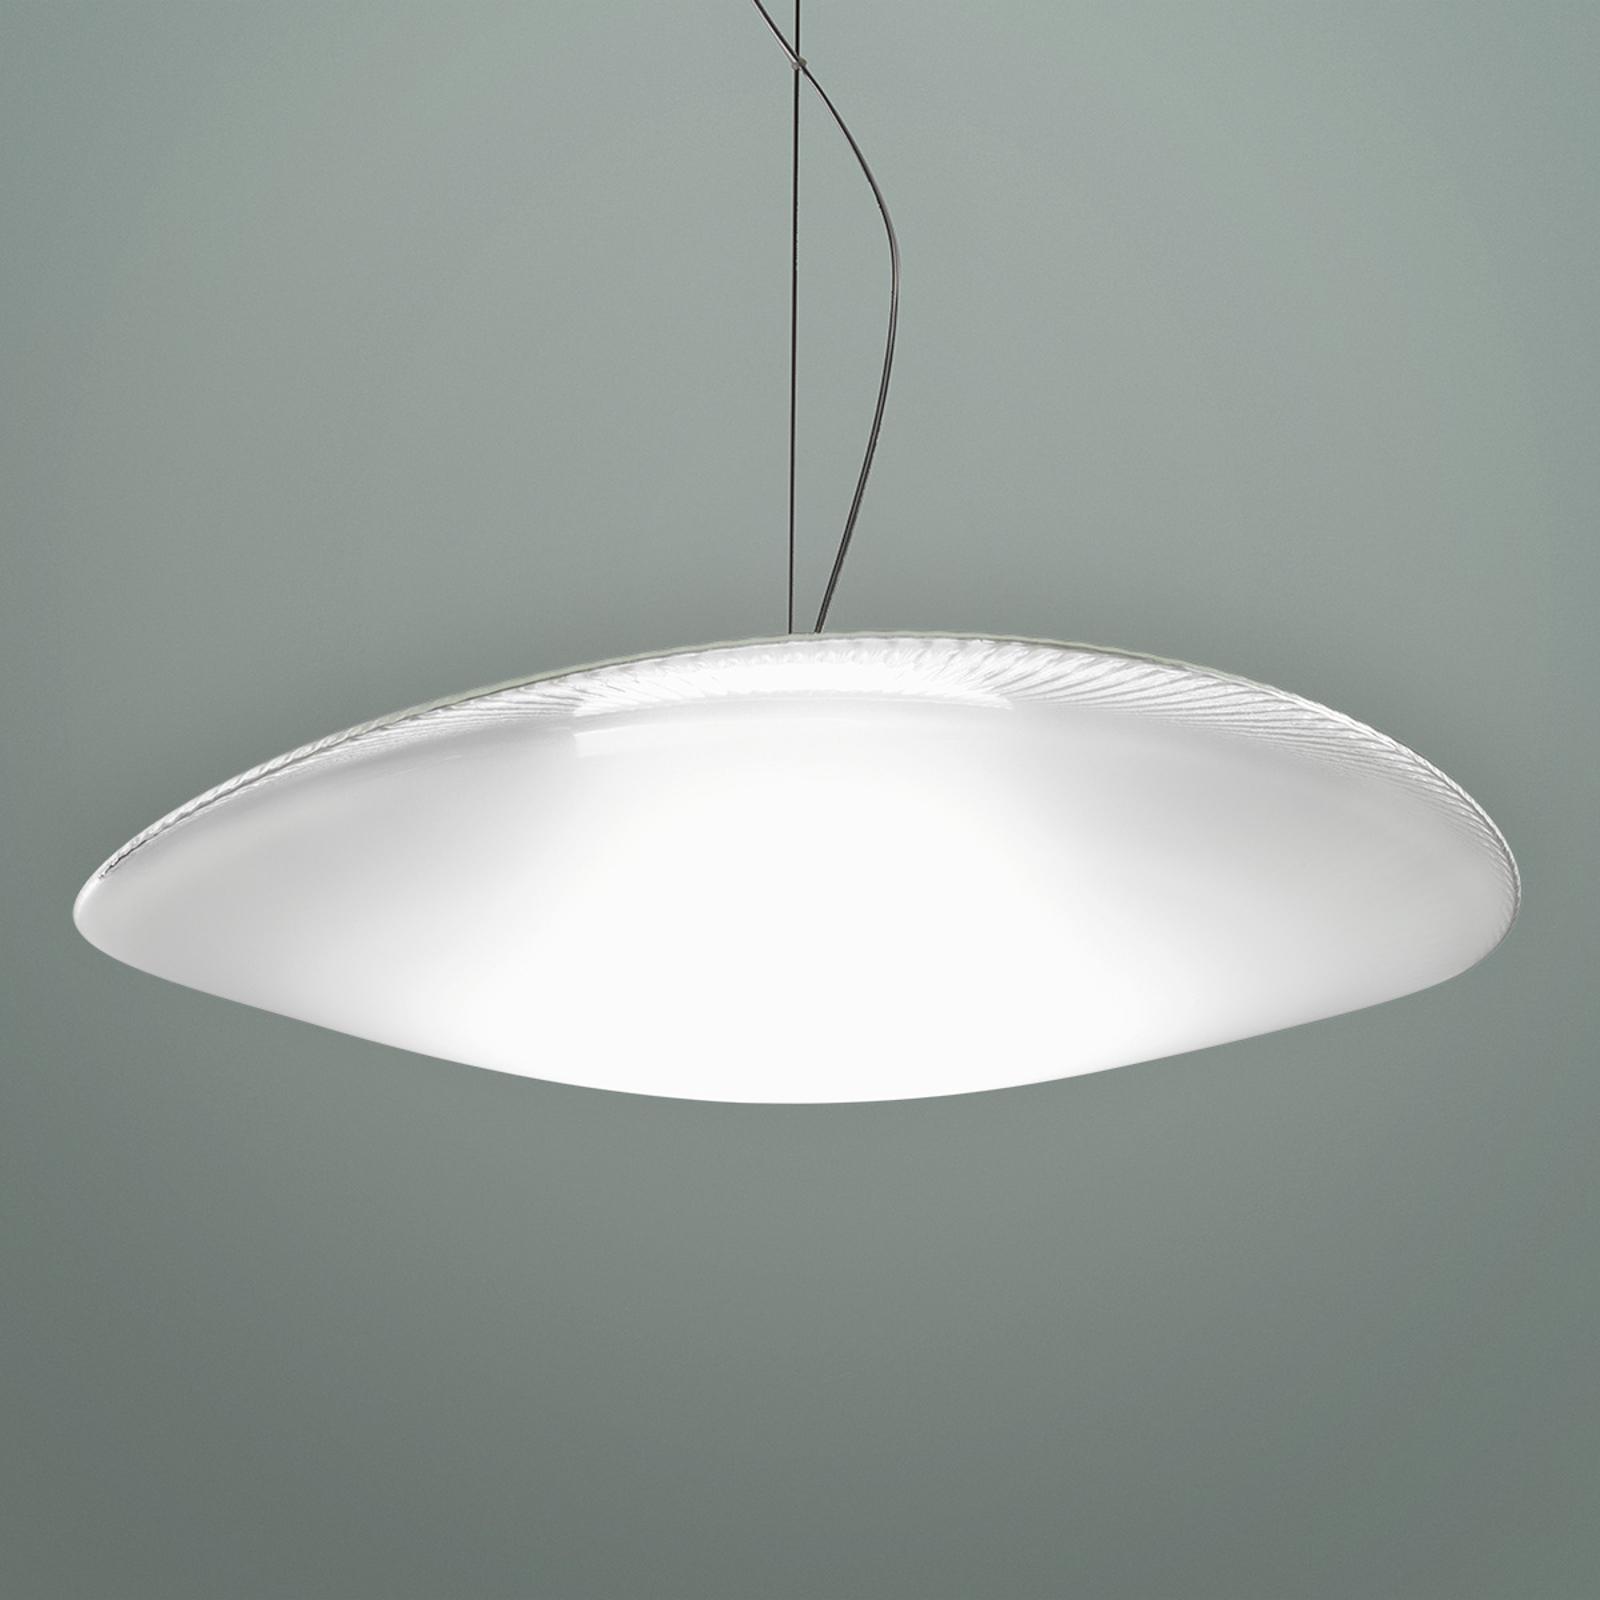 Speelse glazen hanglamp Loop met LED, 3000K